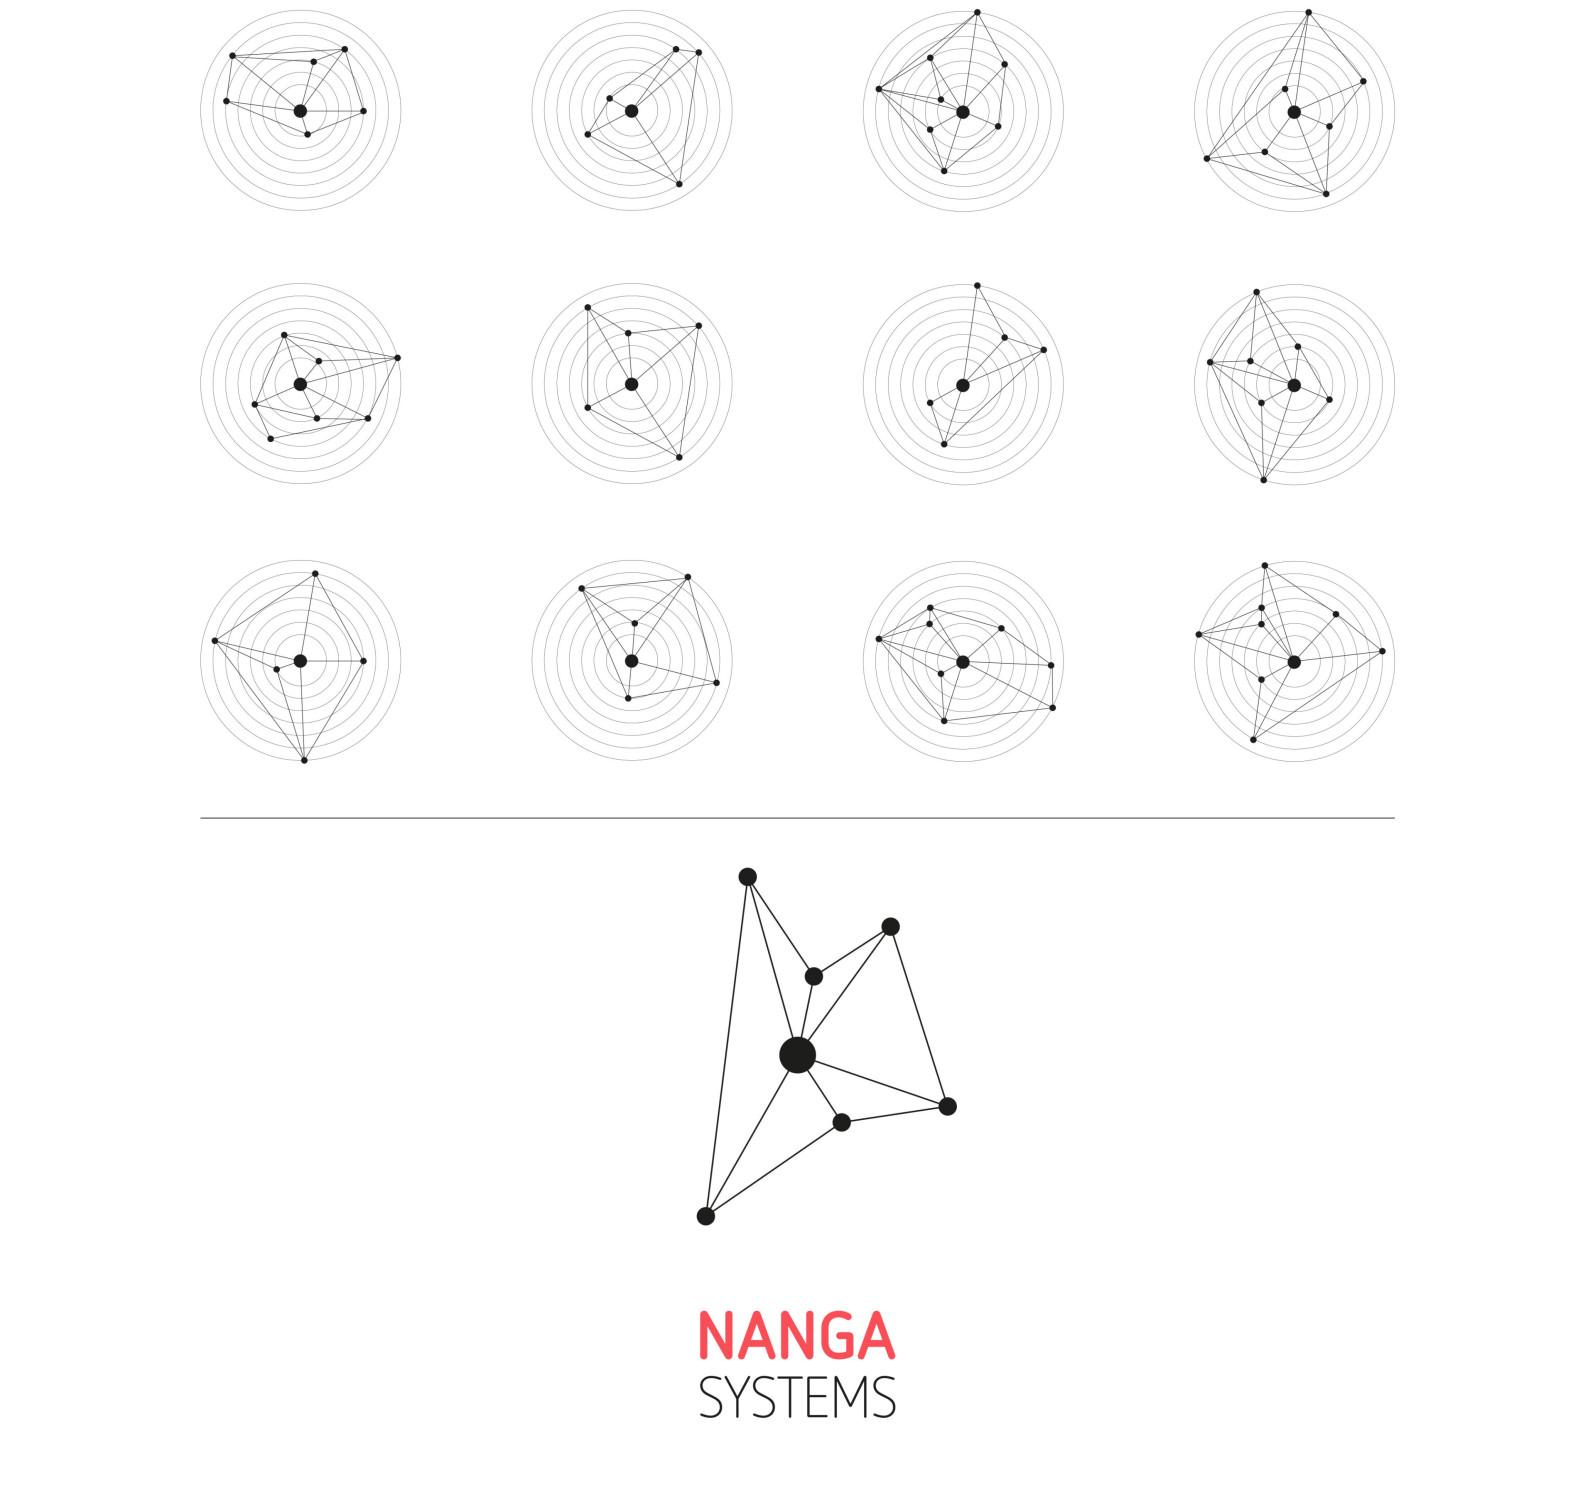 nanga-systems-body-3.1